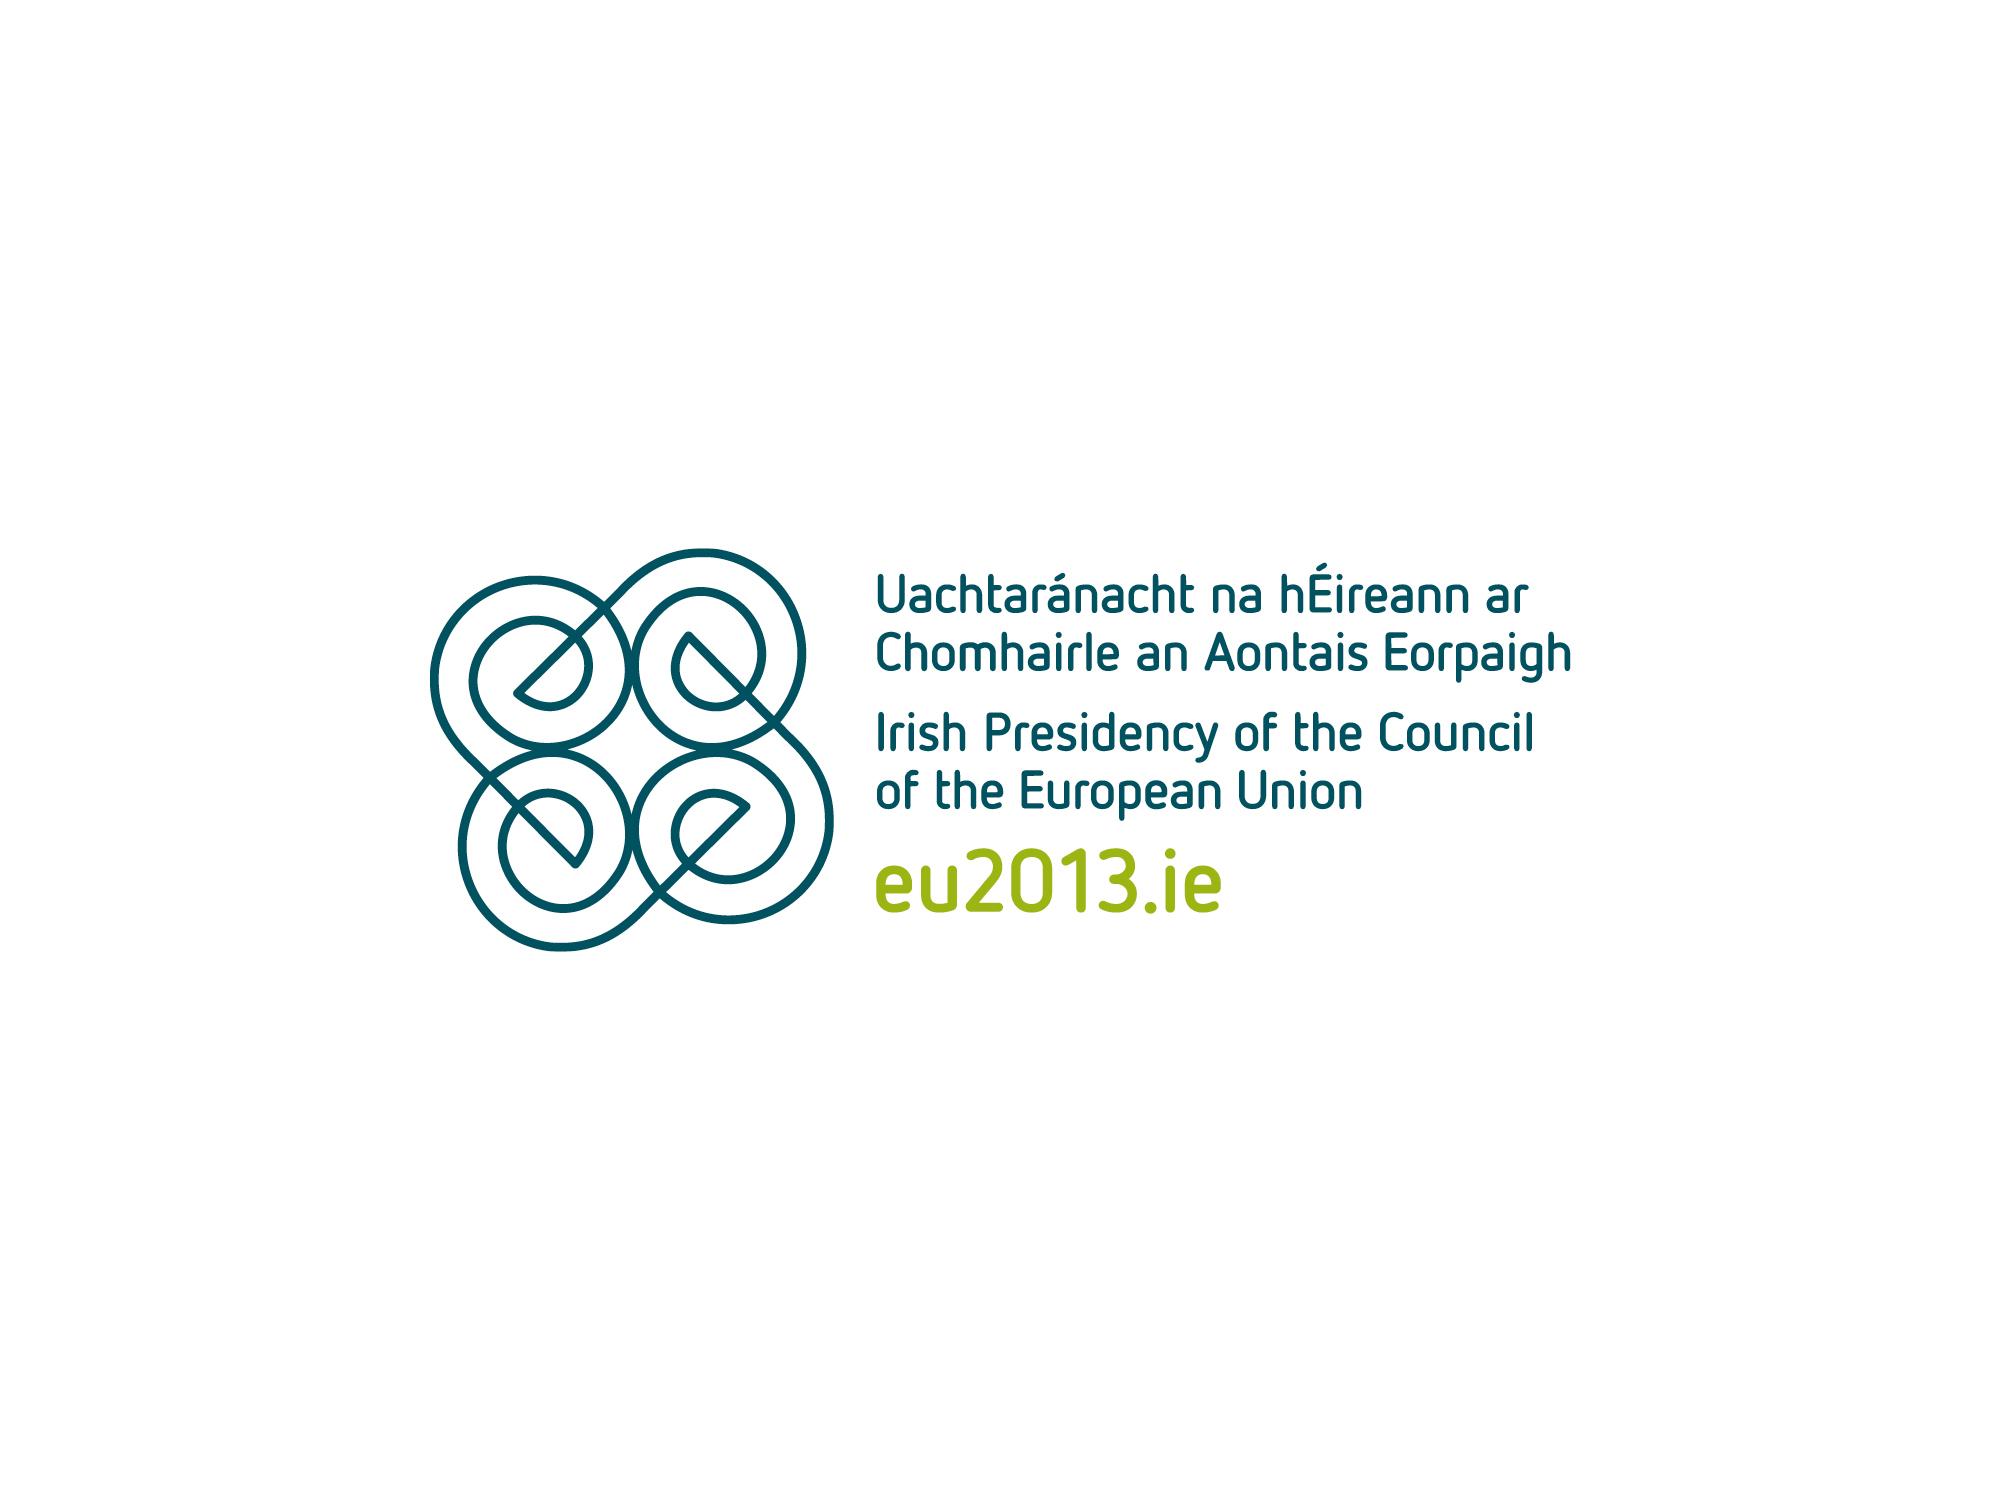 Cover image: EU Presidency Identity (2012)